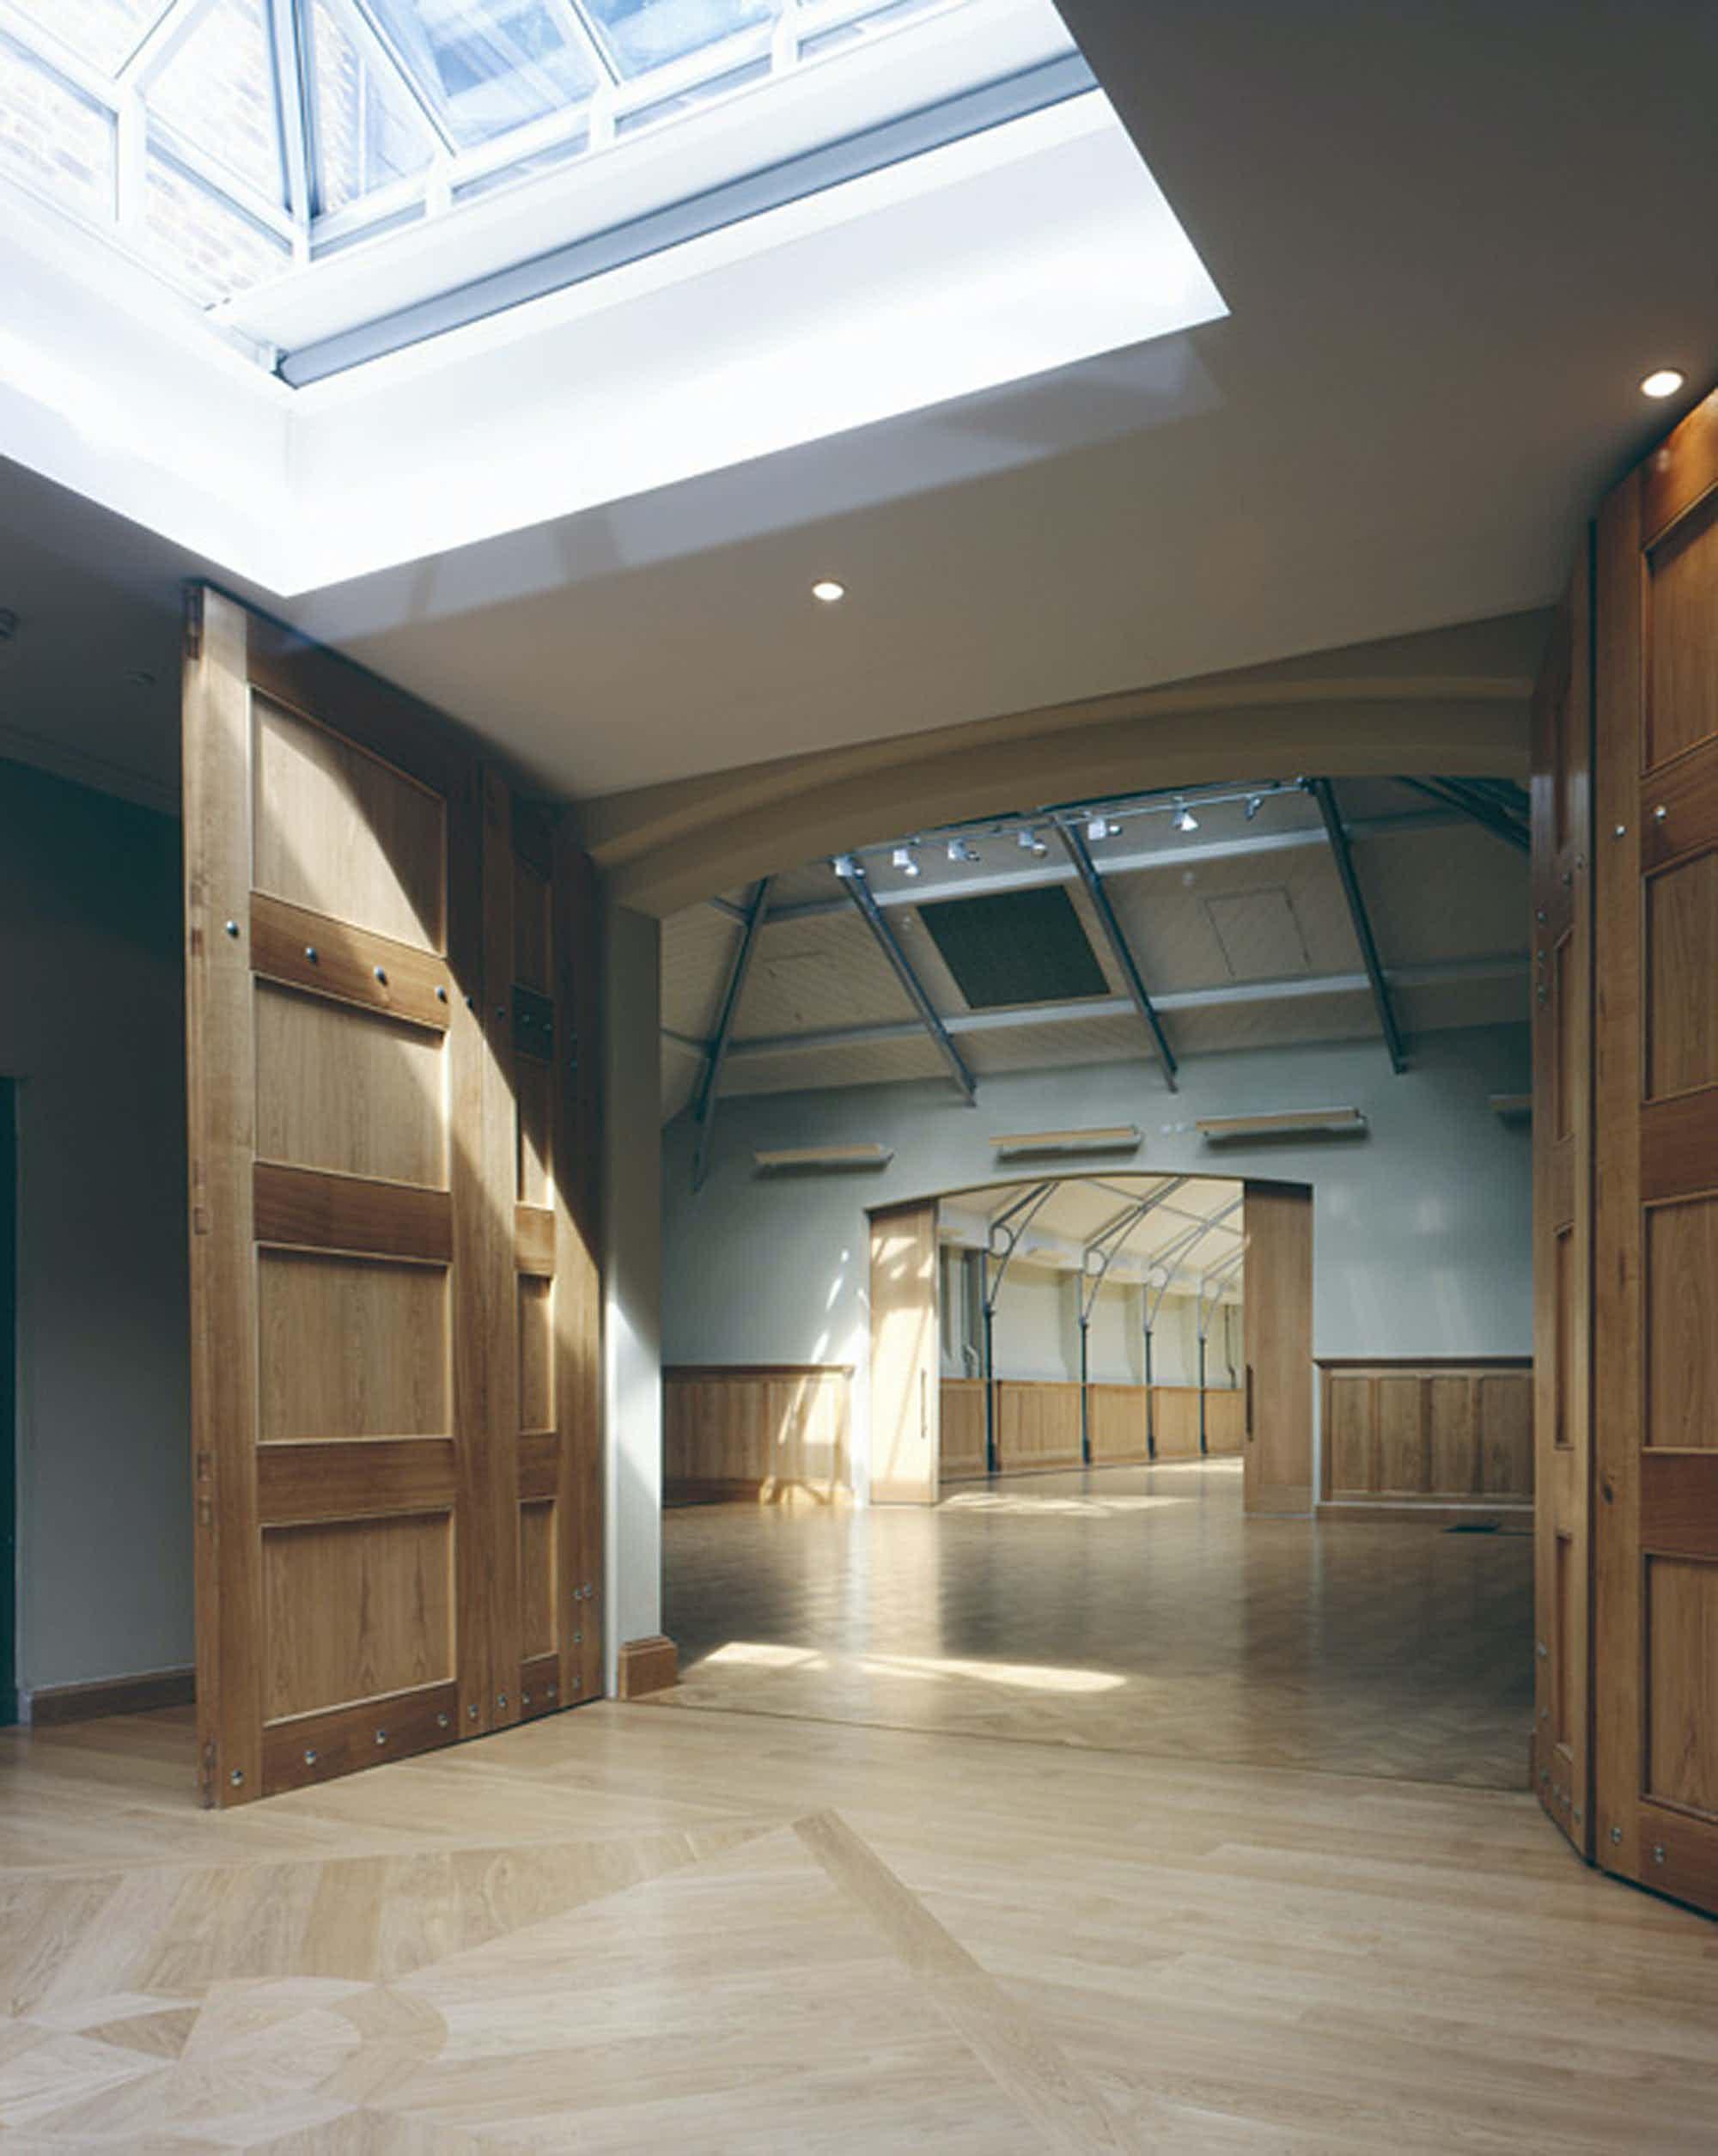 West Albert Room, The HAC